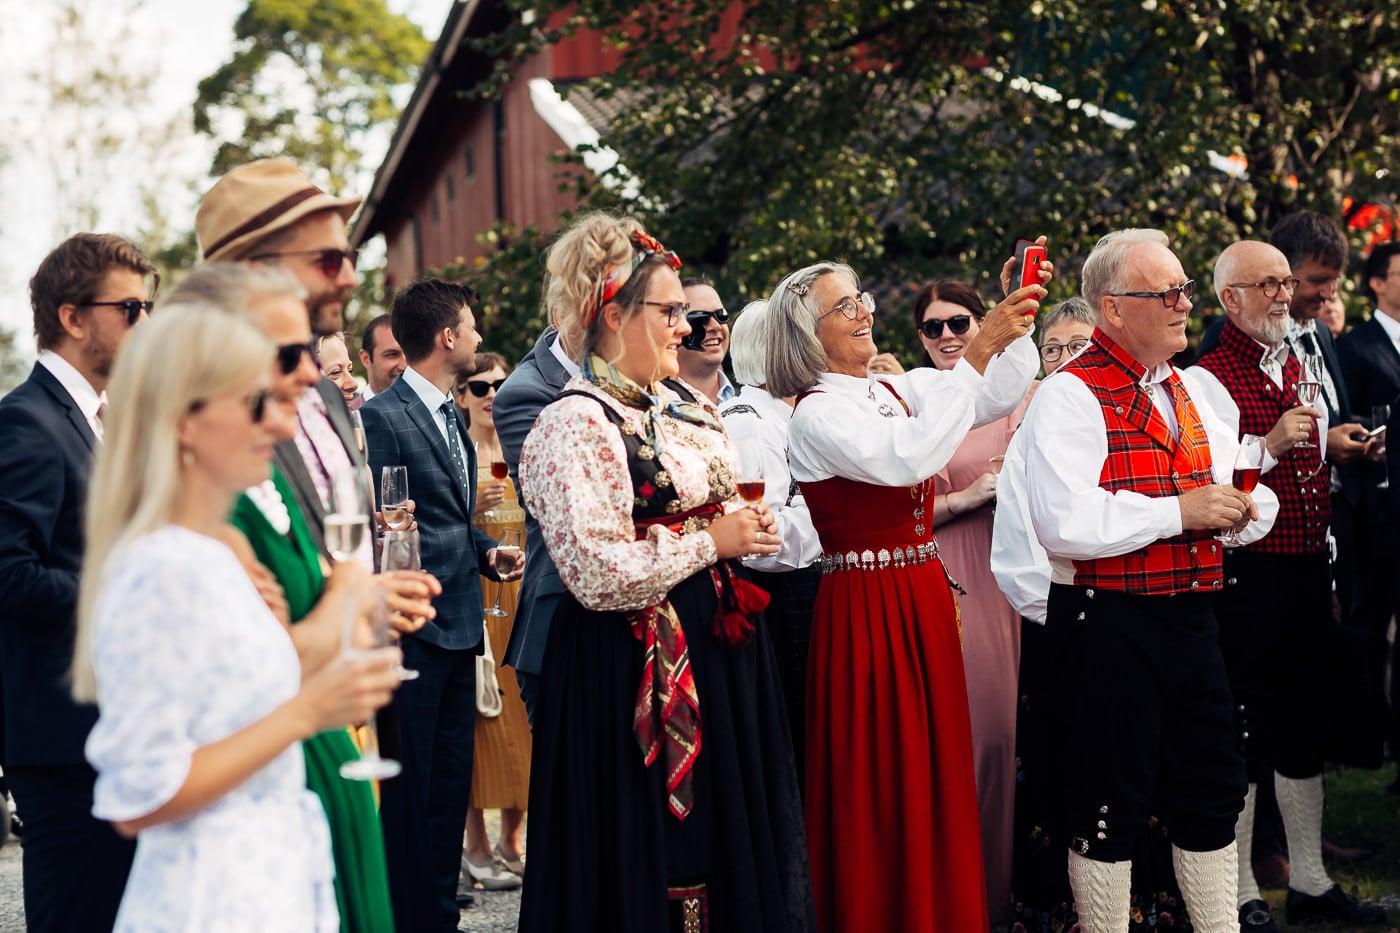 Linn & Frank - rørende og vakkert låvebryllup i Minnesund Bryllupsbilder Minnesund Eidsvoll 57 Brudepar